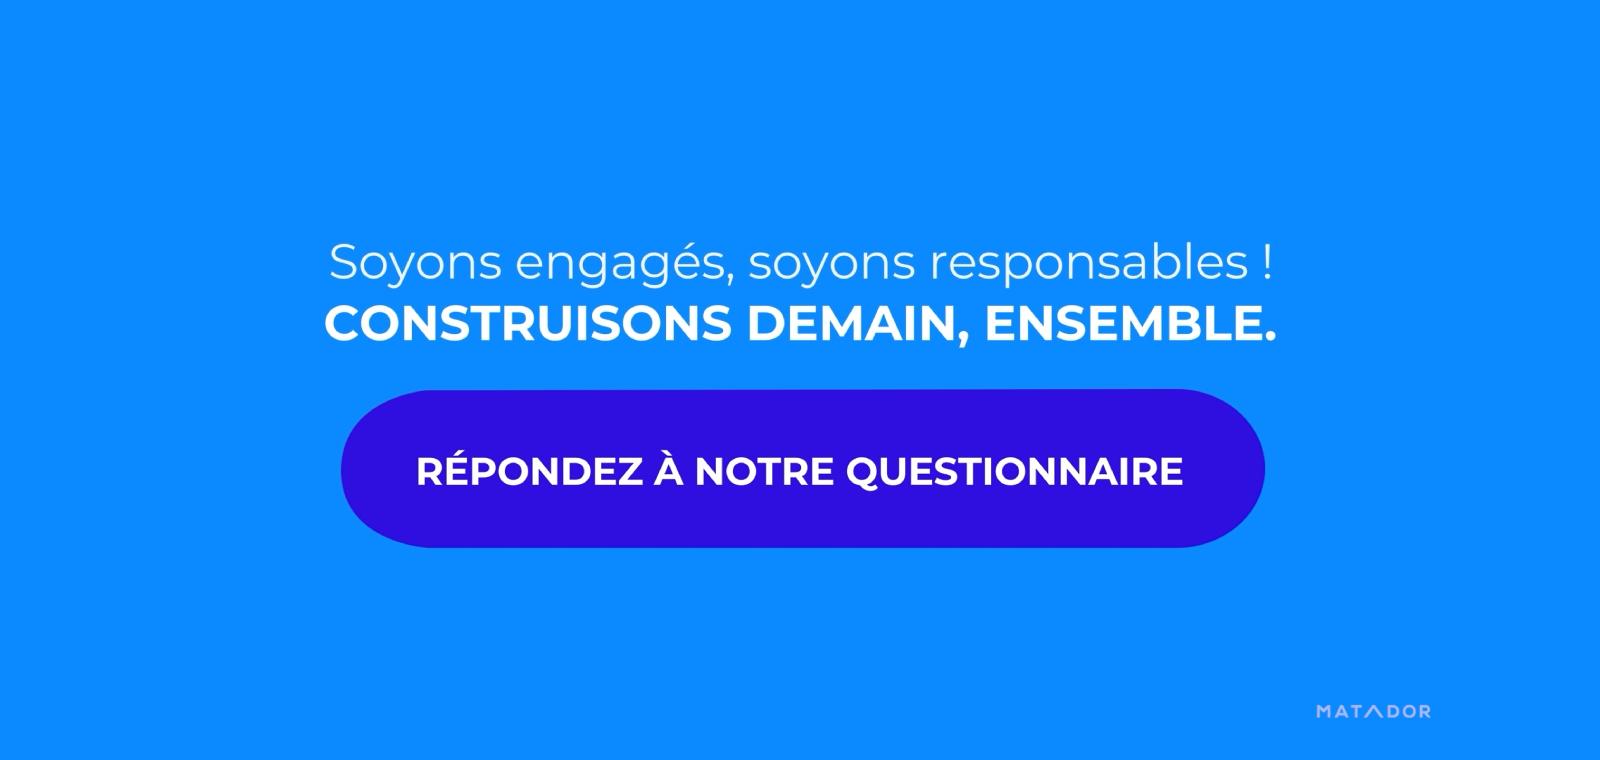 Répondez à notre questionnaire sur nos engagements RSE